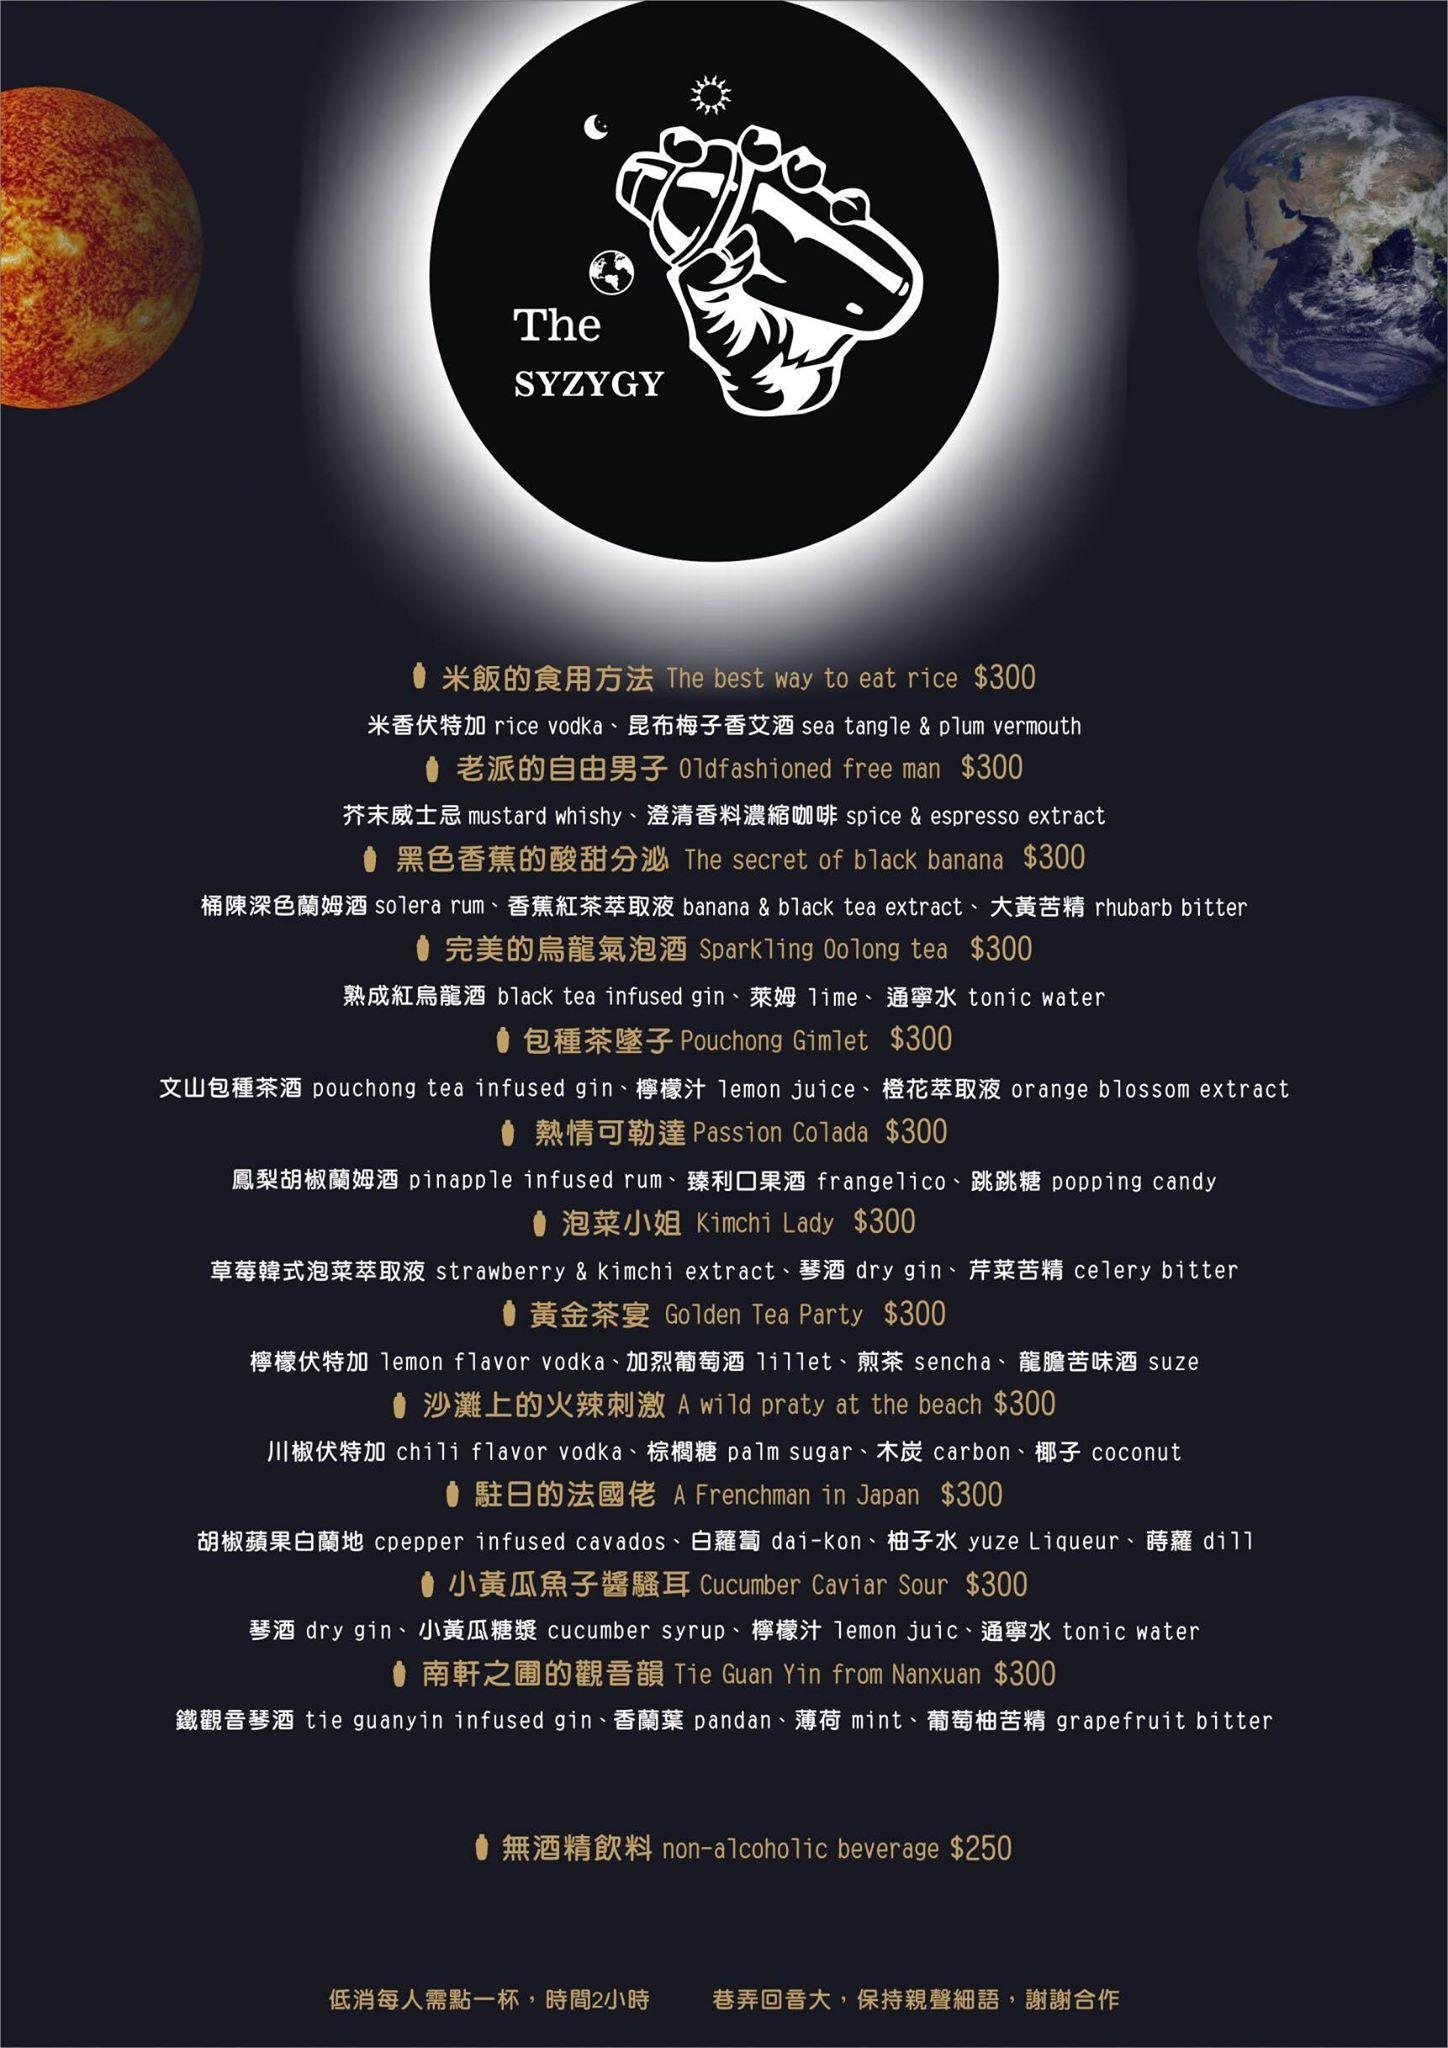 台南酒吧 | The SYZYGY 日、月、地球成一直線的天文現象,簡稱 GY酒吧 in 老屋 (已歇業)